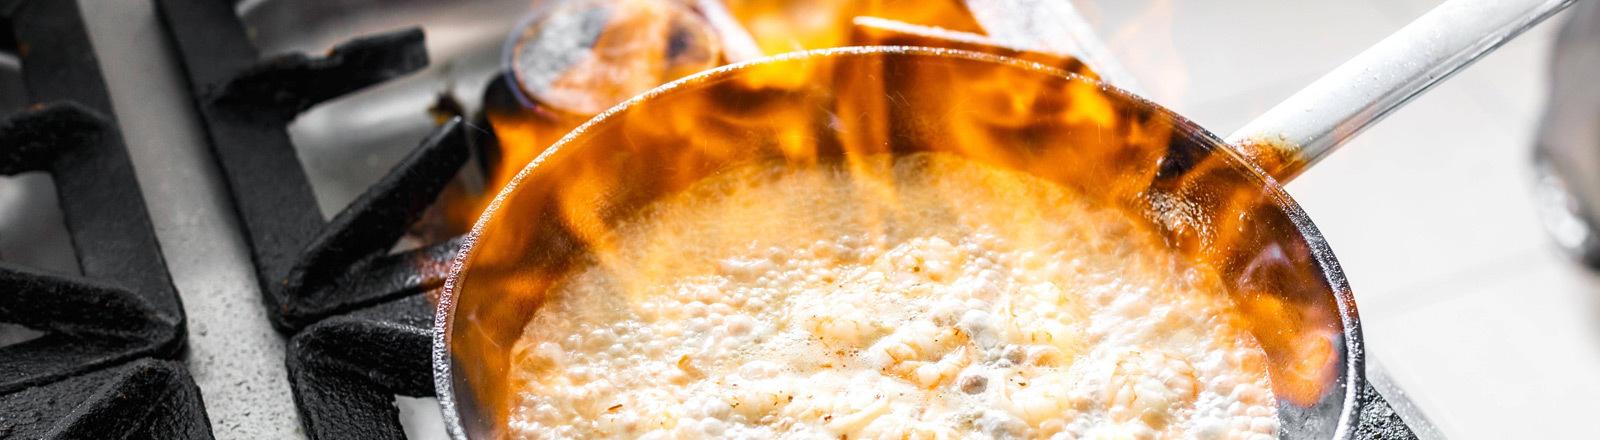 Ein Koch bereitet etwas in einer Pfanne vor, beim Kochen entstehen Flammen.